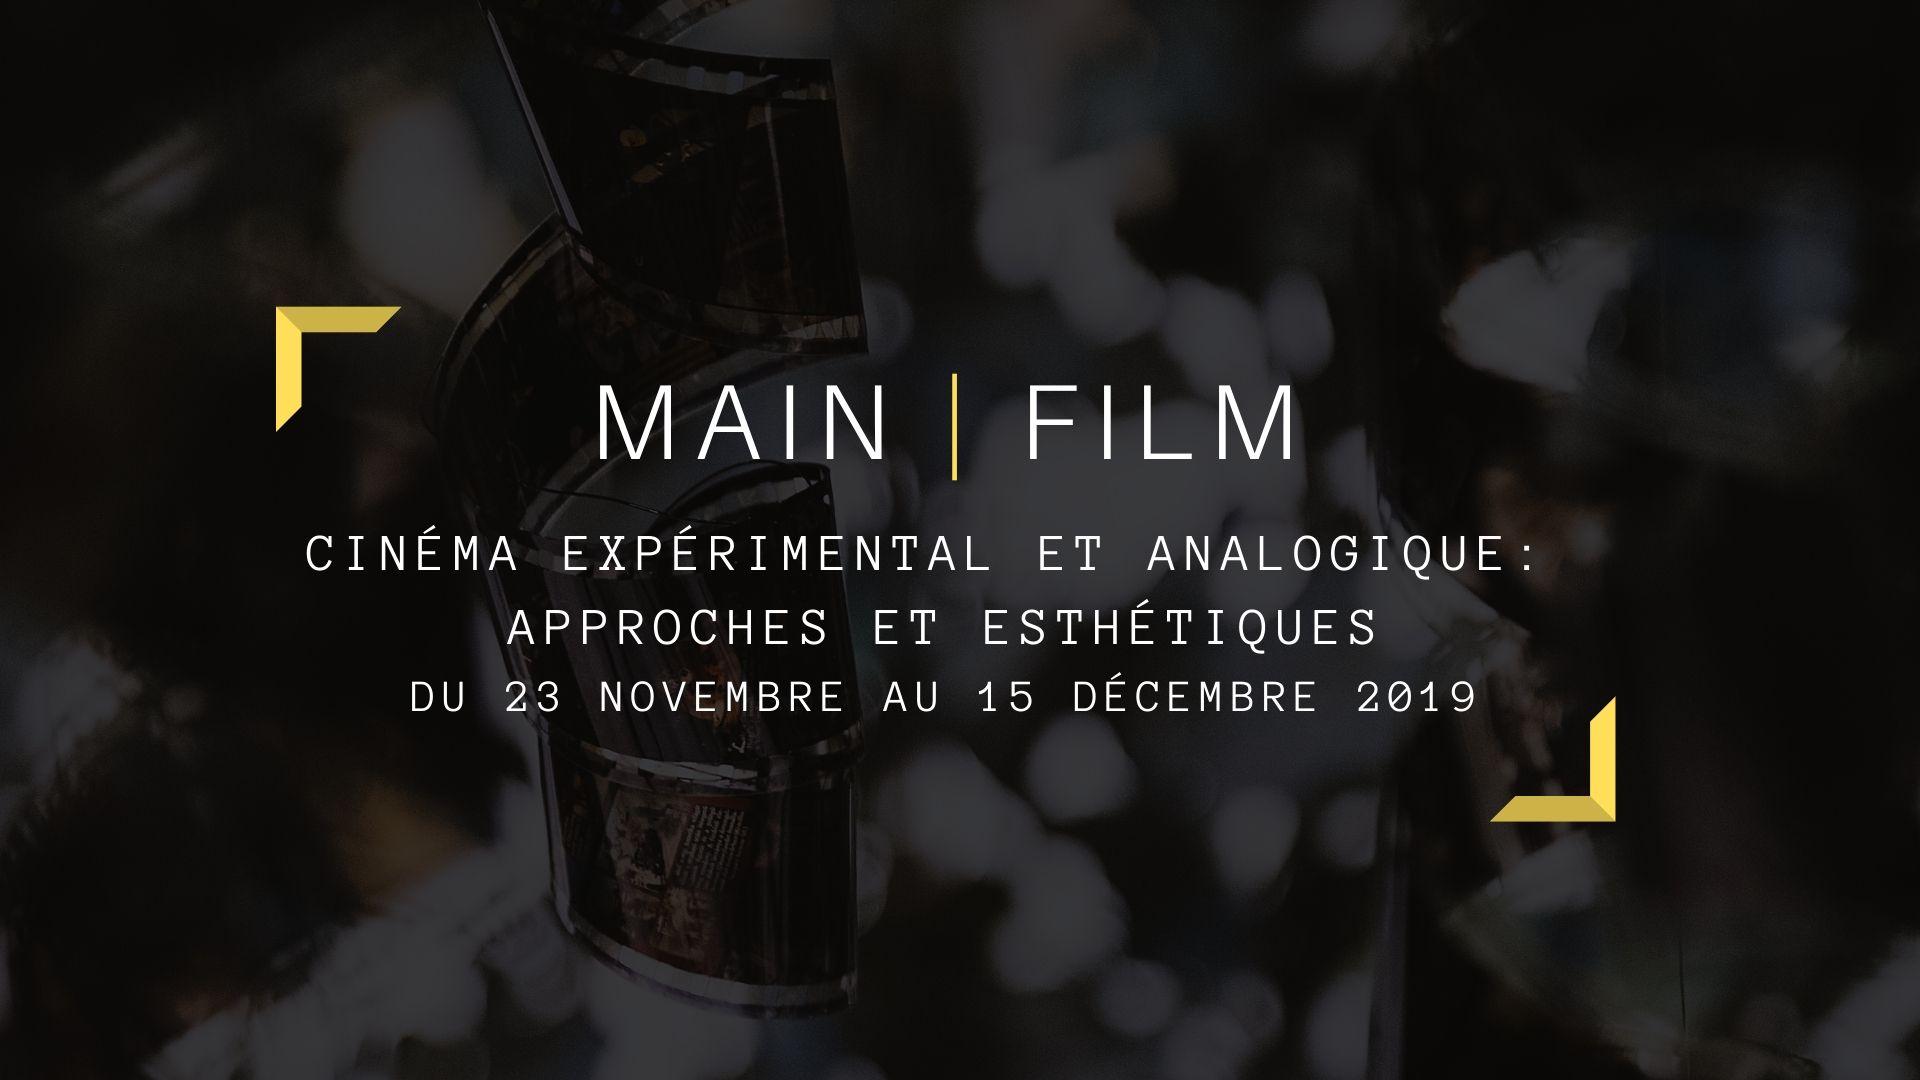 Cinéma expérimental et analogique : approches et esthétiques